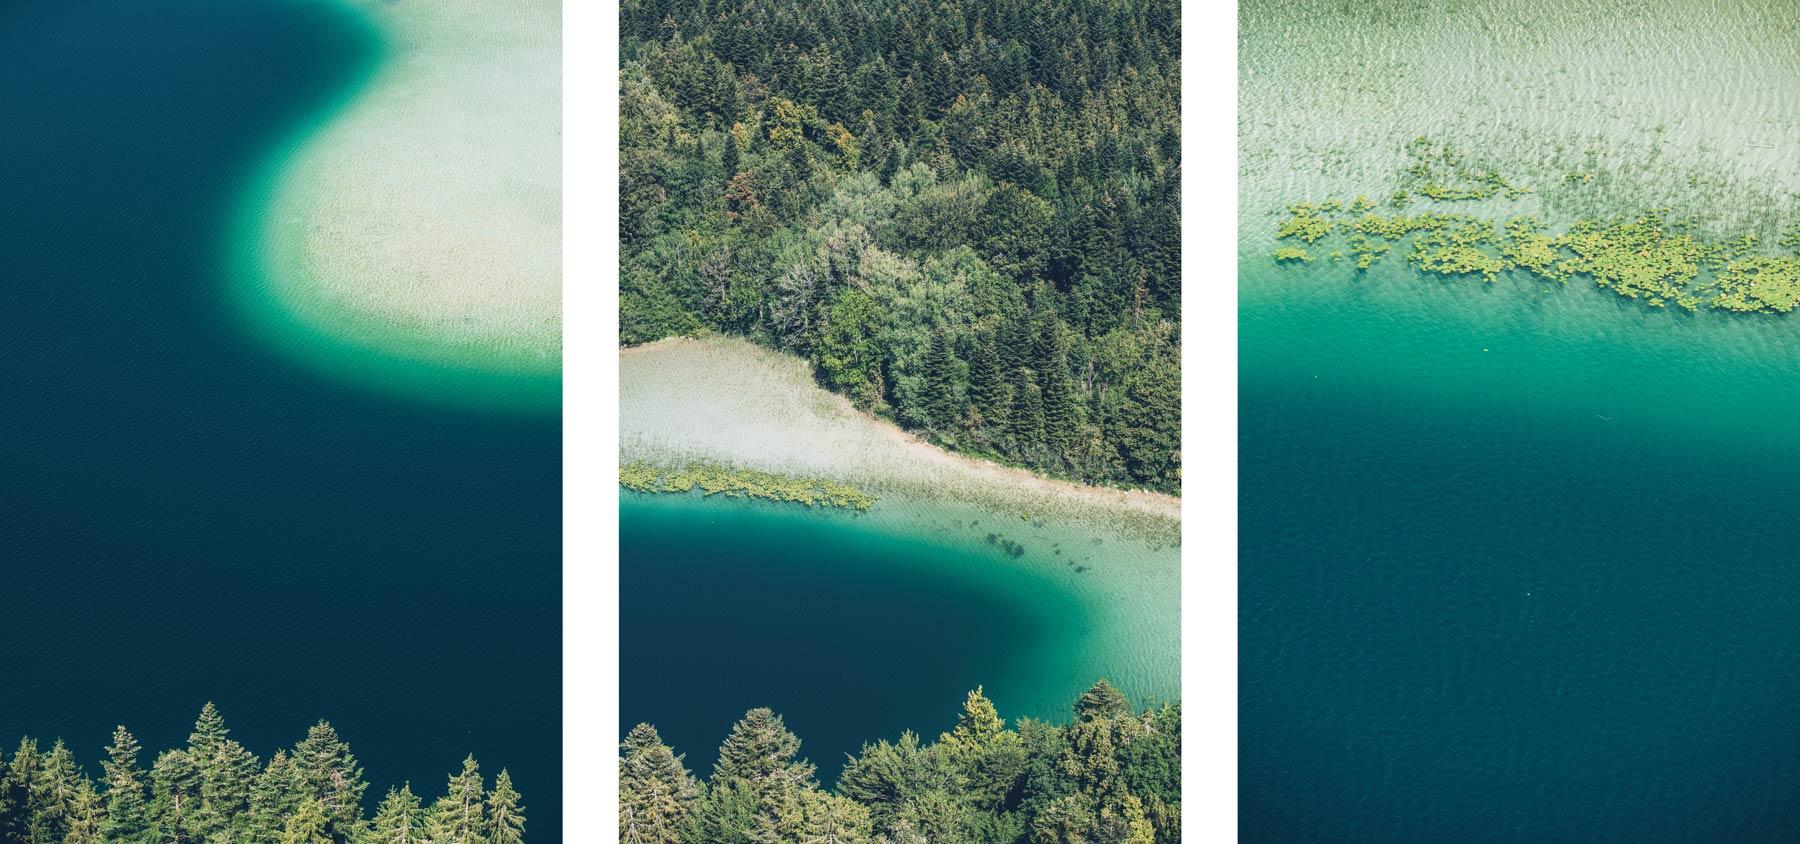 Belvédère des 4 lacs, Jura